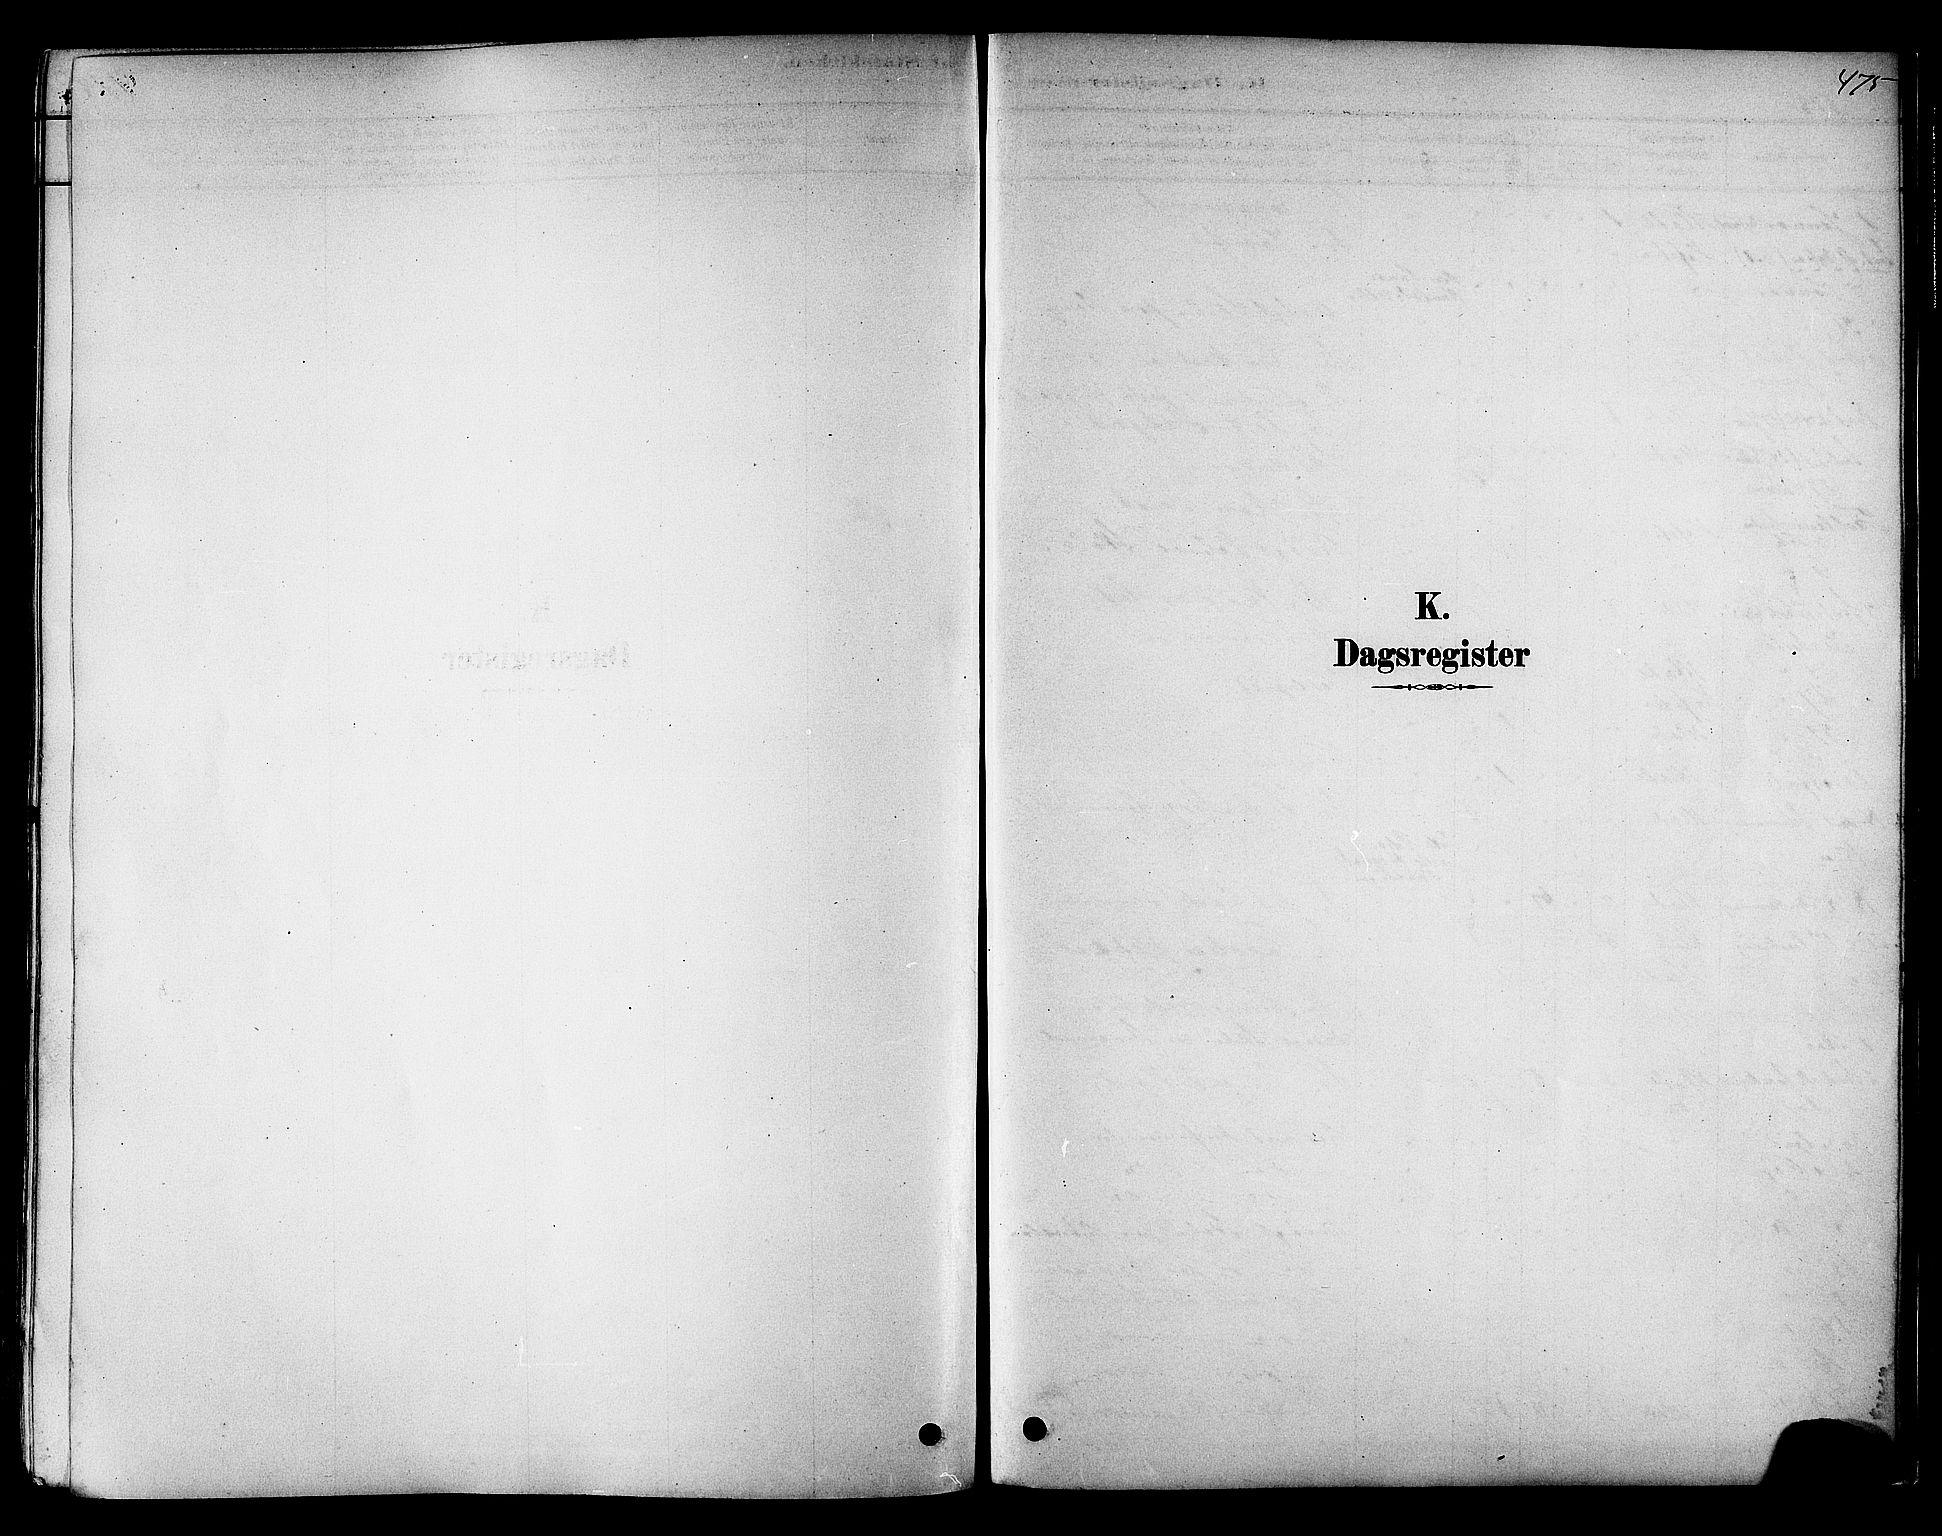 SAT, Ministerialprotokoller, klokkerbøker og fødselsregistre - Sør-Trøndelag, 606/L0294: Ministerialbok nr. 606A09, 1878-1886, s. 475